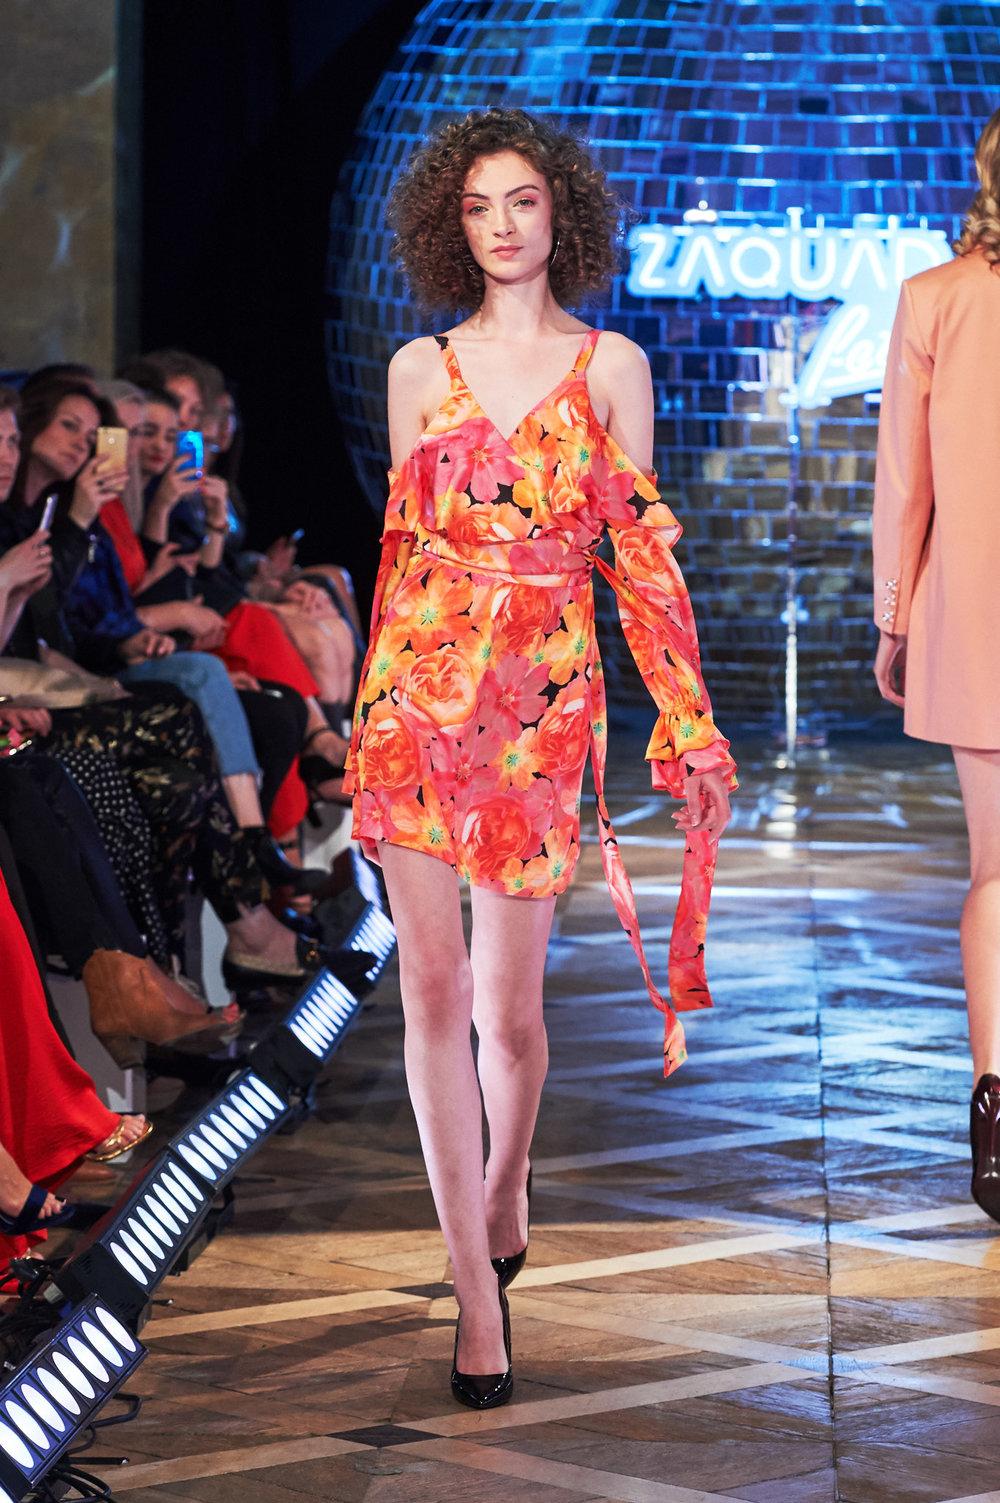 10_ZAQUAD_090519_lowres-fotFilipOkopny-FashionImages.jpg